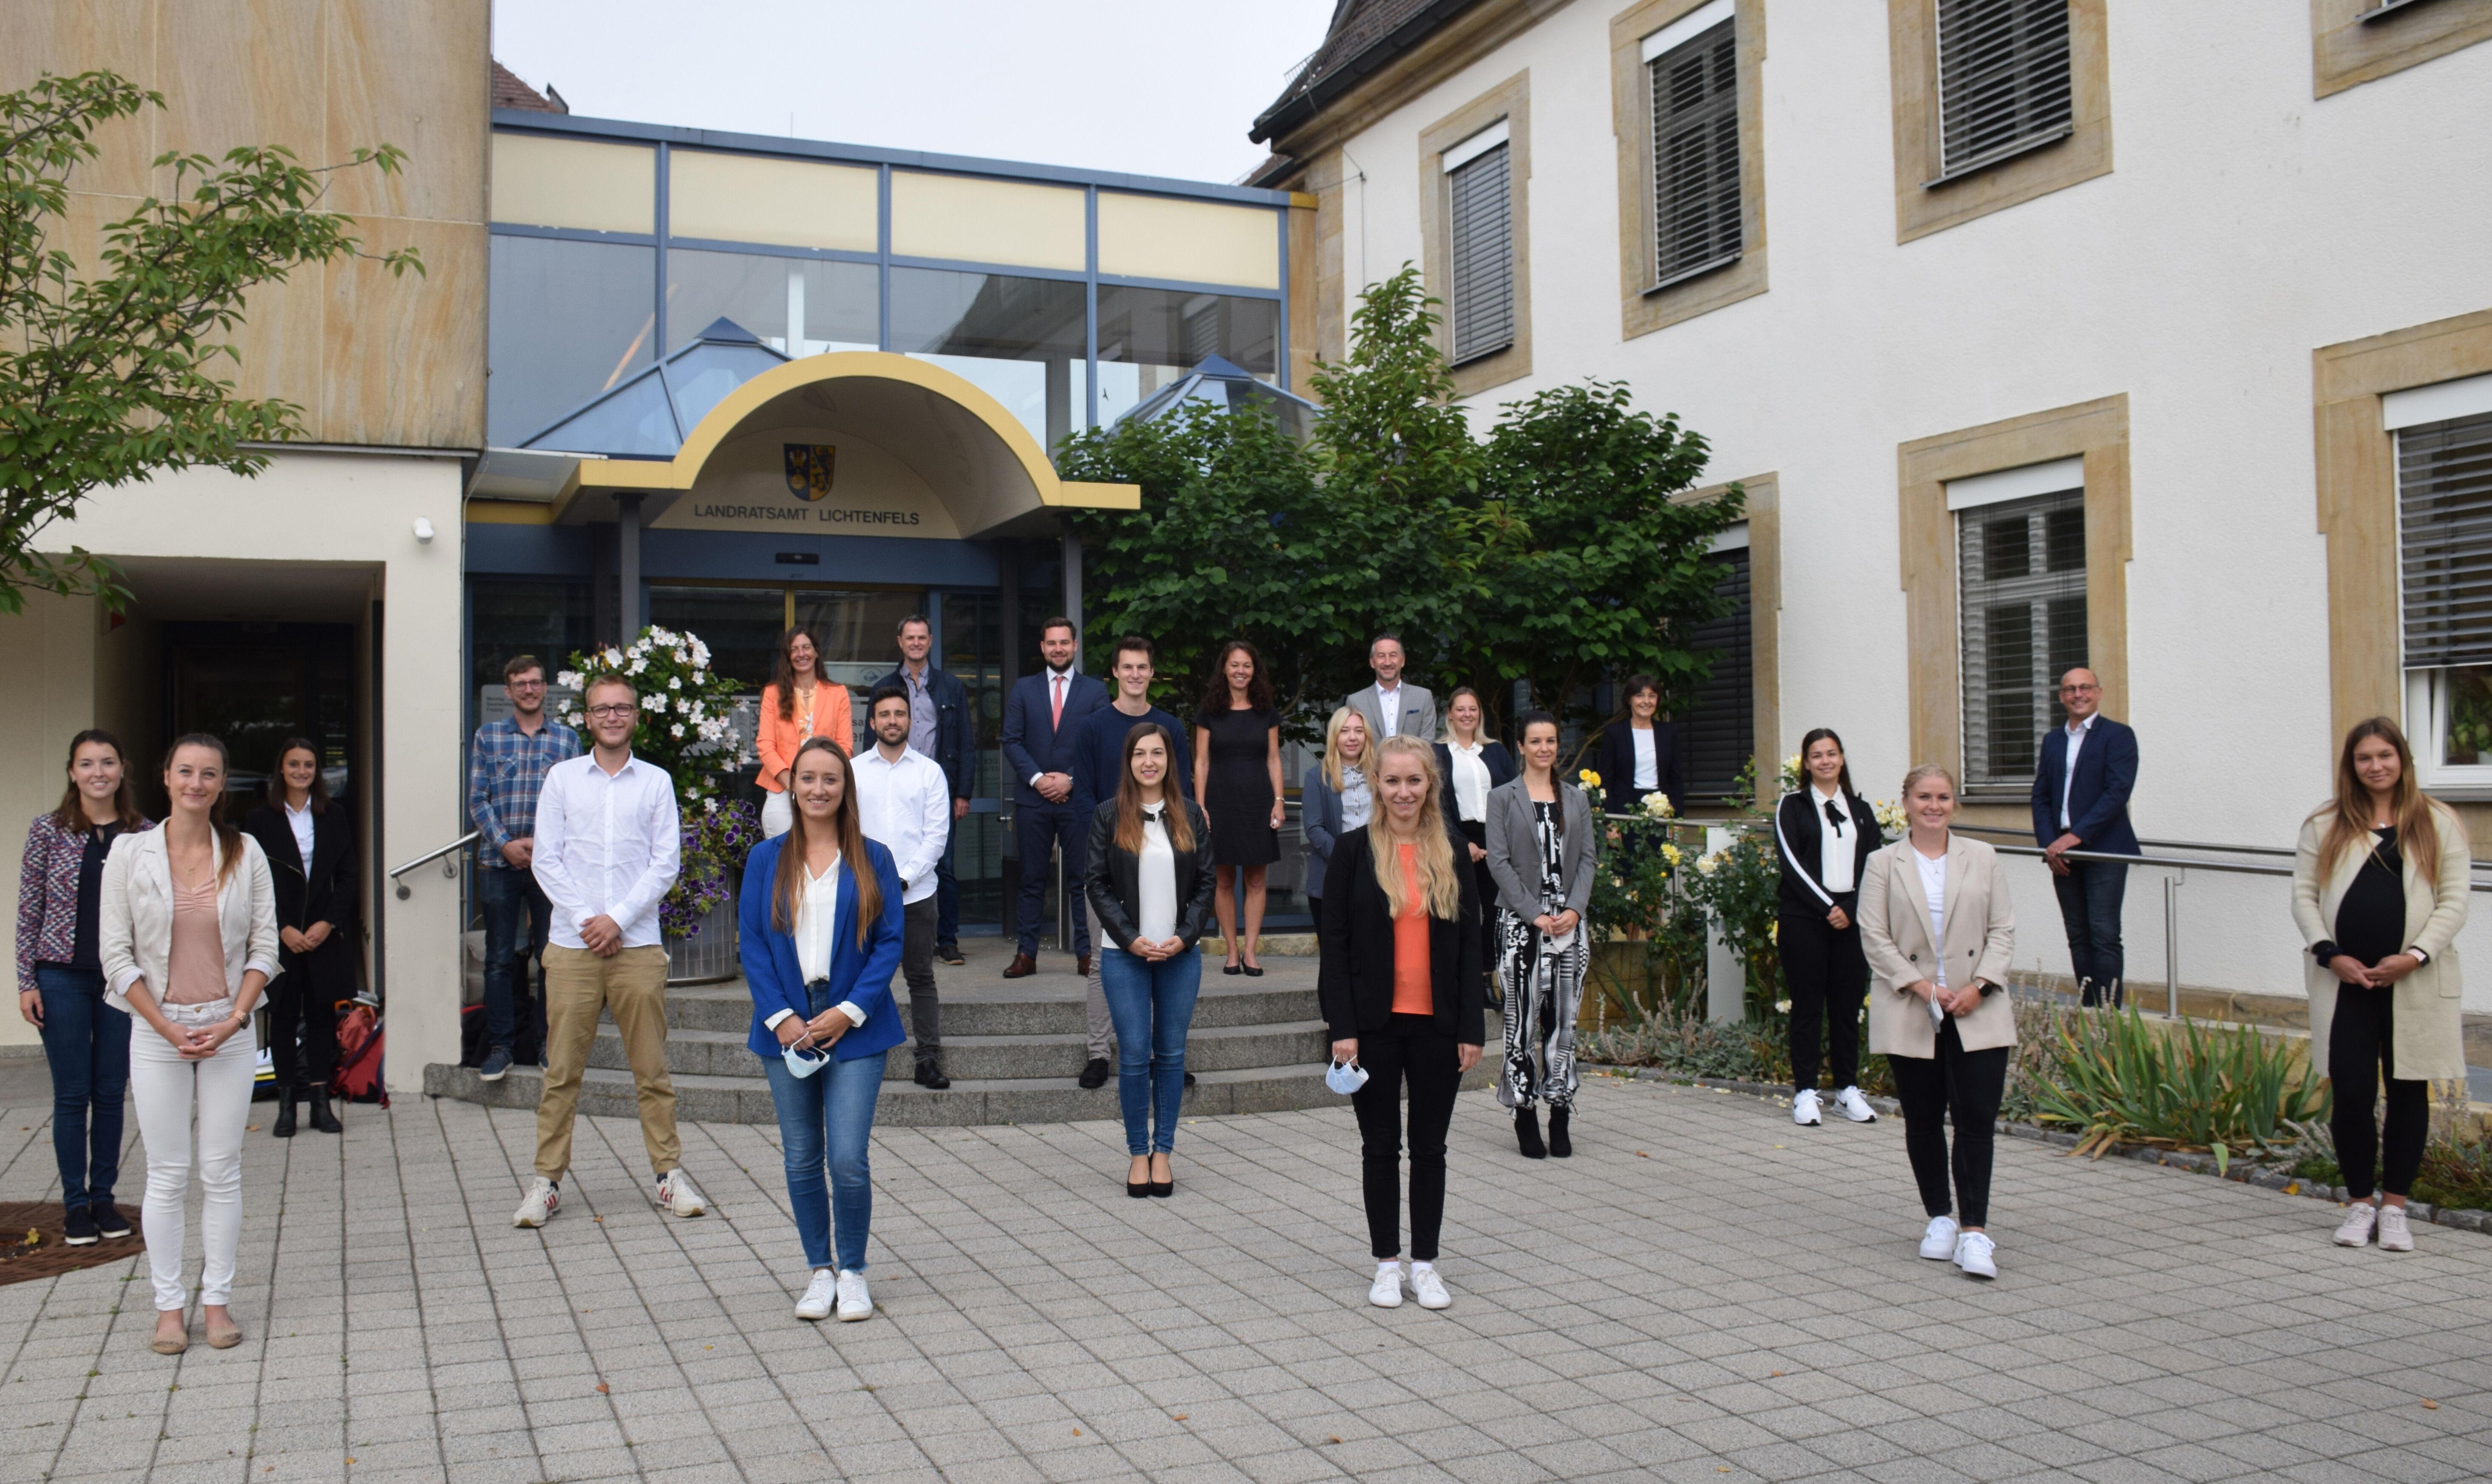 16 neue Lehramtsanwärter wurden zu Beginn des Schuljahres 2021/2022 im Landratsamt vereidigt. Foto: Landratsamt Lichtenfels / Heidi Bauer (4) bearbeit